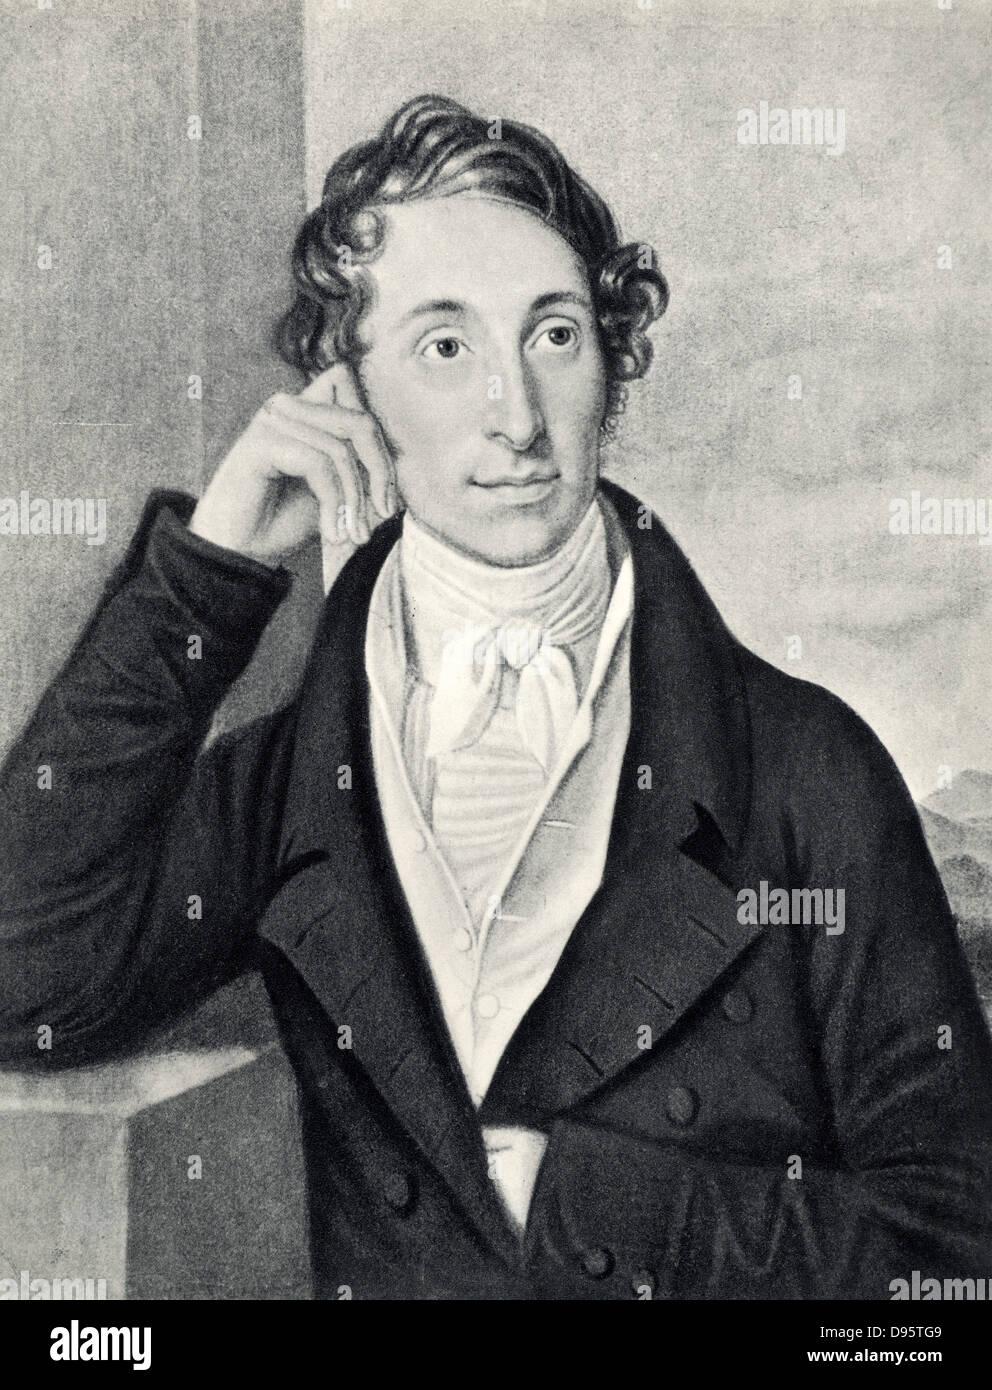 Carl Maria von Weber (1786-1826) del compositore tedesco, direttore e pianista. Foto Stock